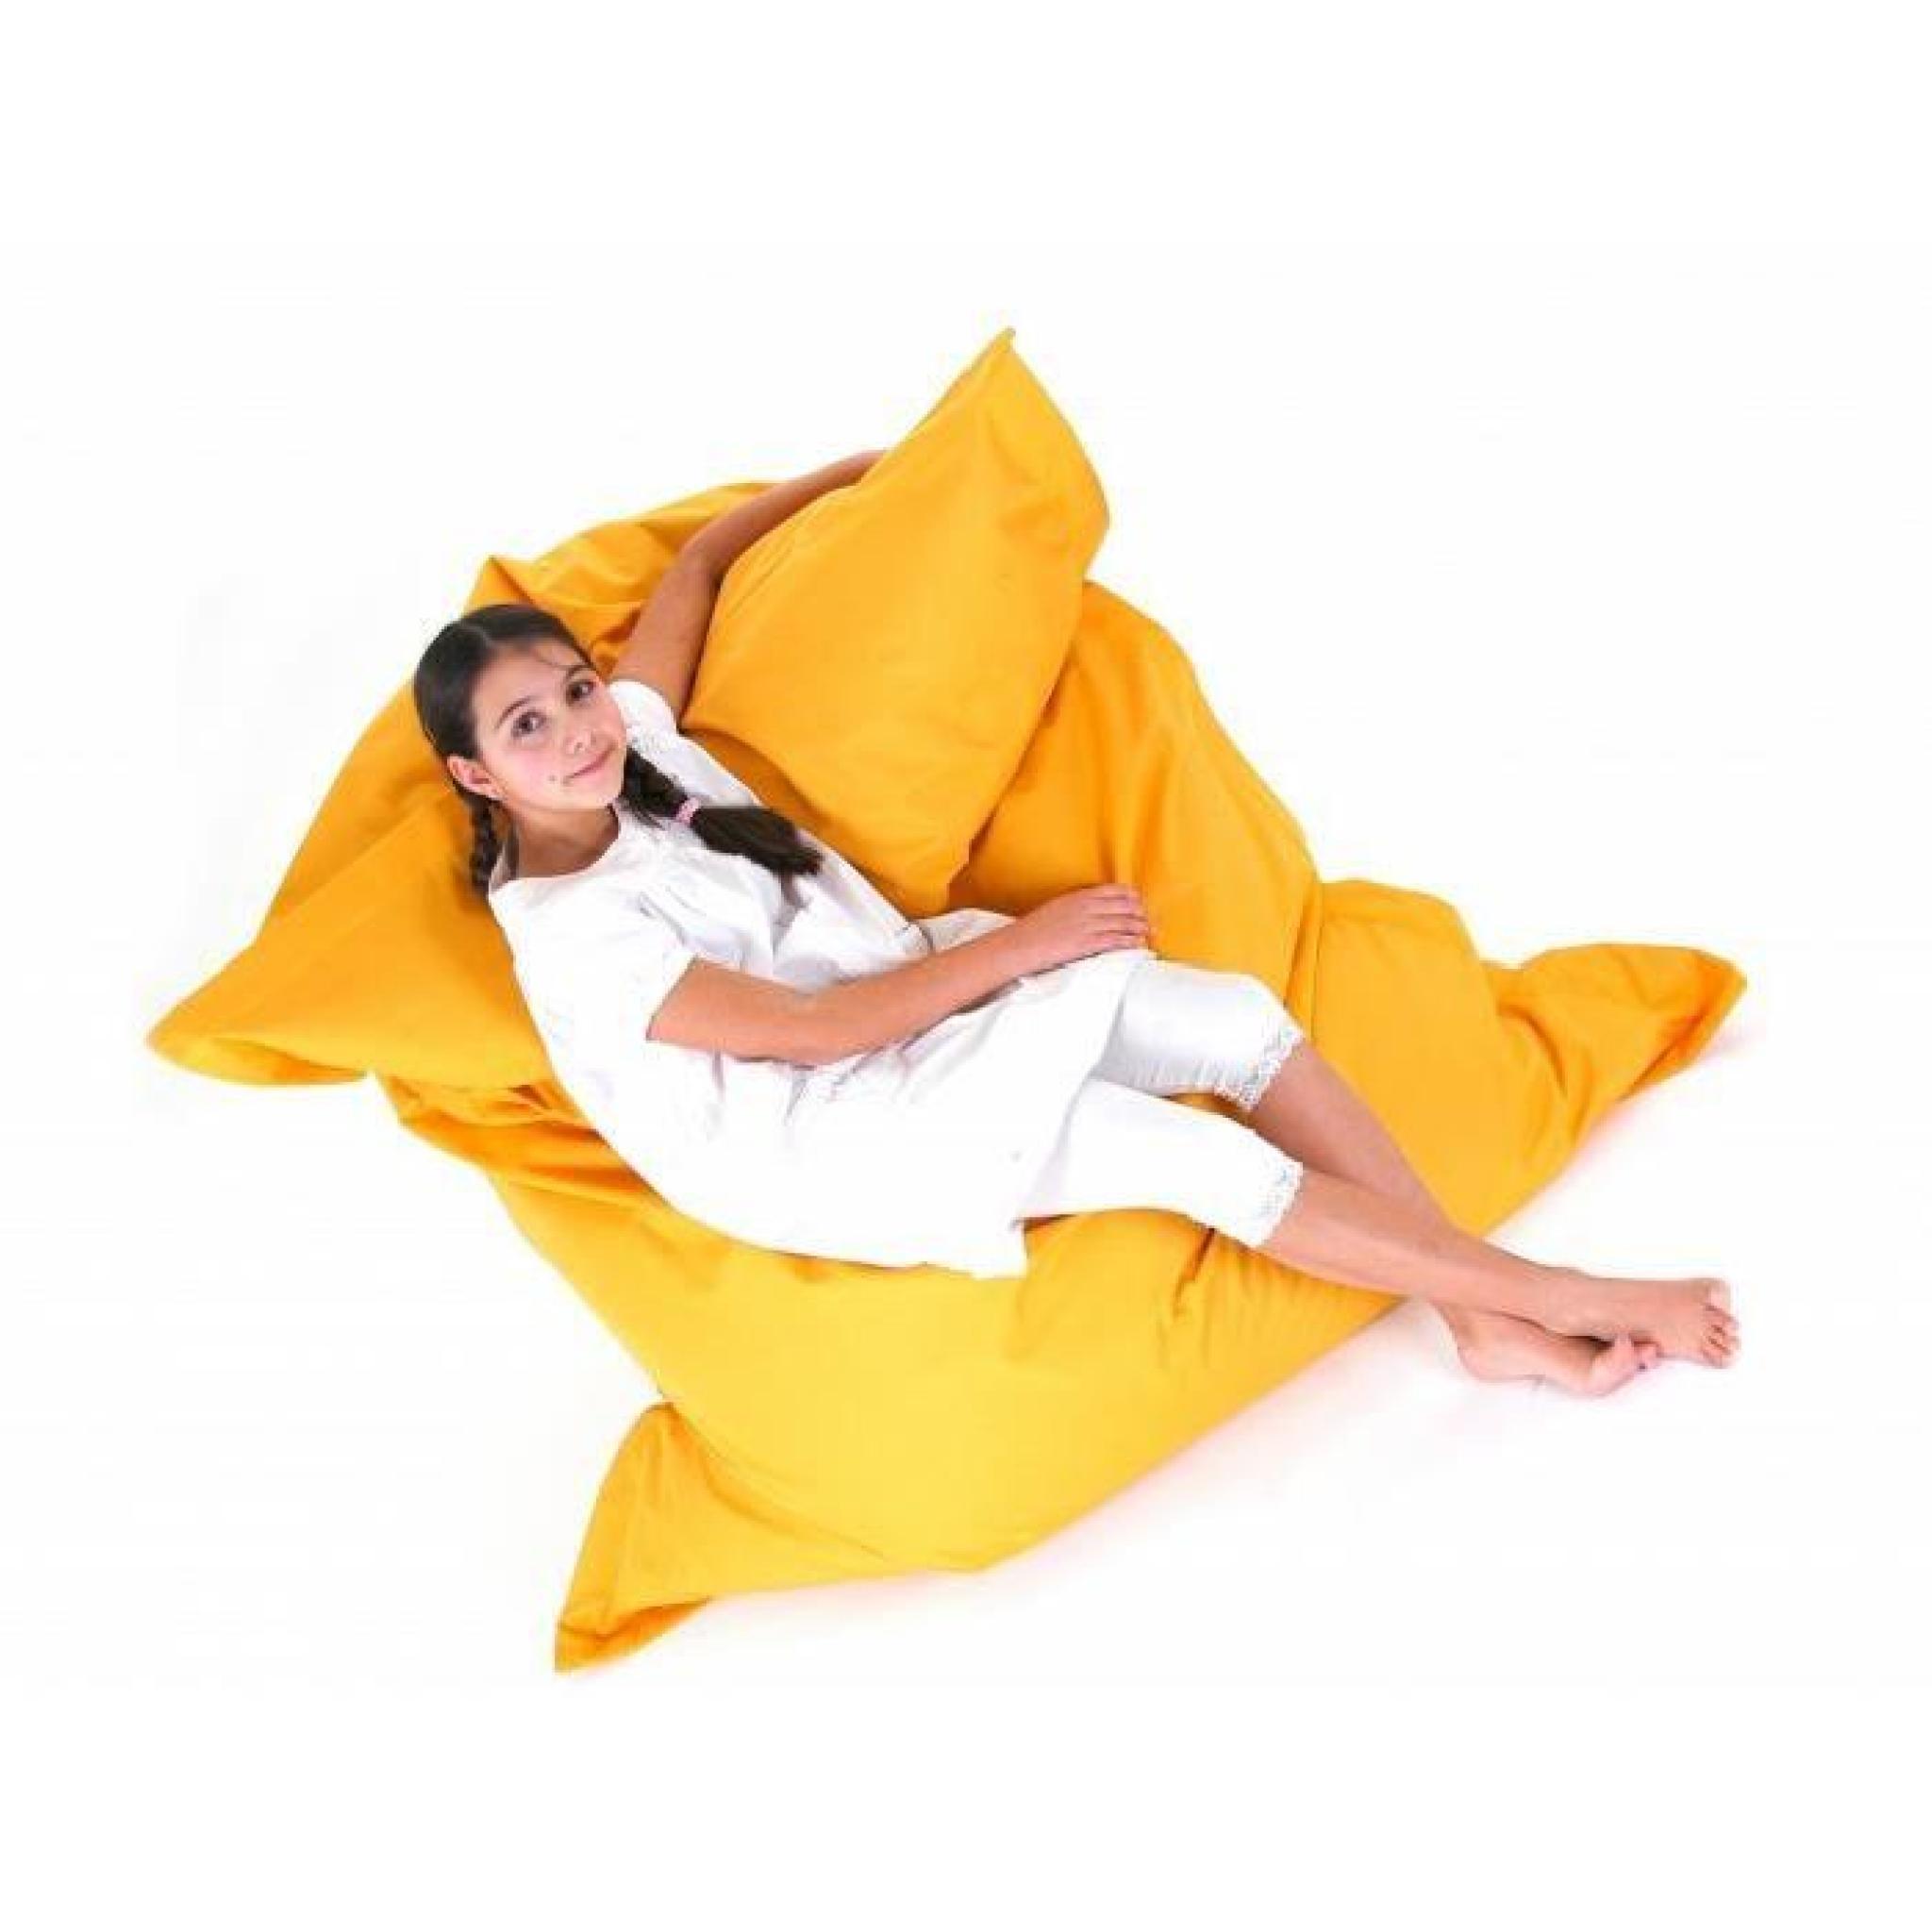 pouf g ant xxl coussin de sol 140x180 cm jaune achat vente pouf exterieur pas cher. Black Bedroom Furniture Sets. Home Design Ideas